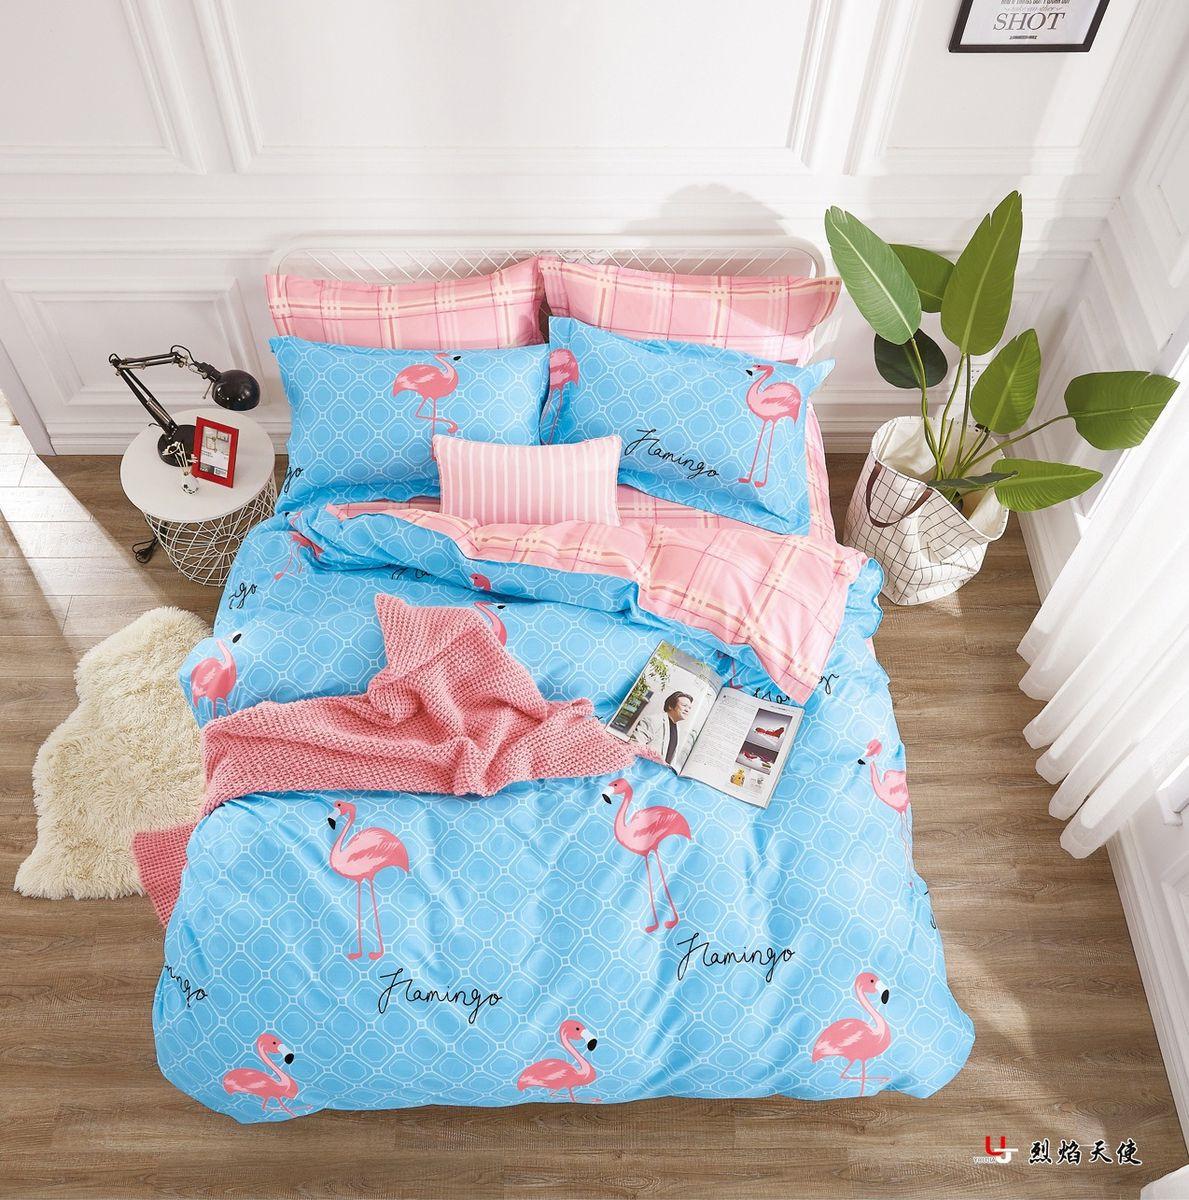 Комплект постельного белья Guten Morgen Перкаль, Пг-797-143-240-70, голубой, семейный, наволочки 70x70 комплект постельного белья guten morgen перкаль пг 797 175 220 70 голубой 2 х спальный наволочки 70x70